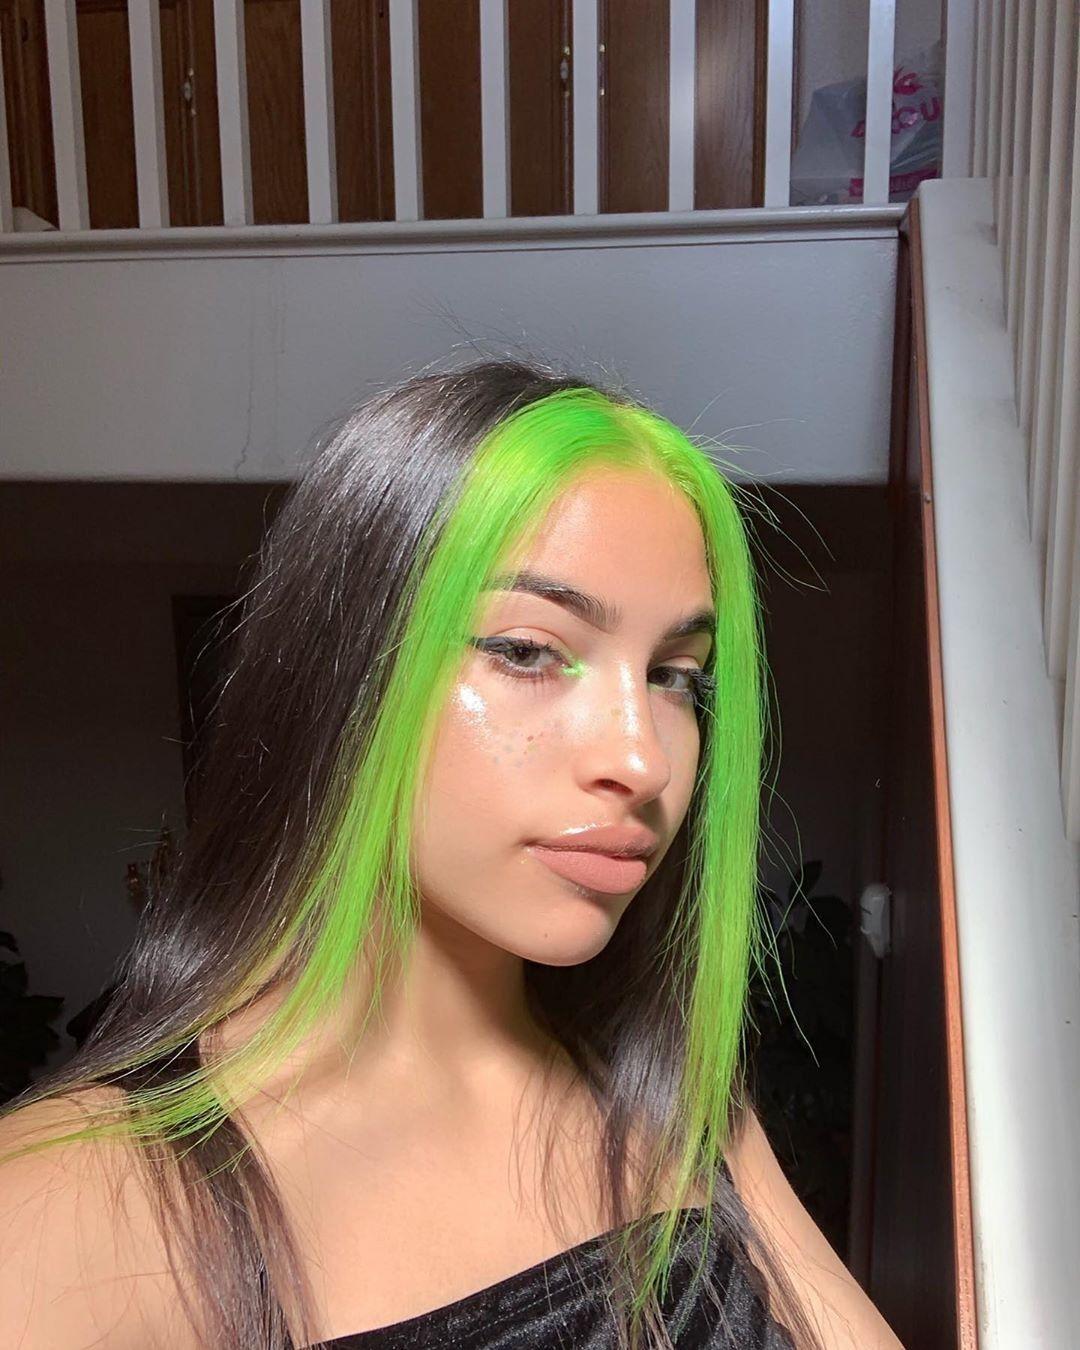 Pink Hair Ig Arryngton In 2020 Hair Color Streaks 90s Grunge Hair Hair Streaks